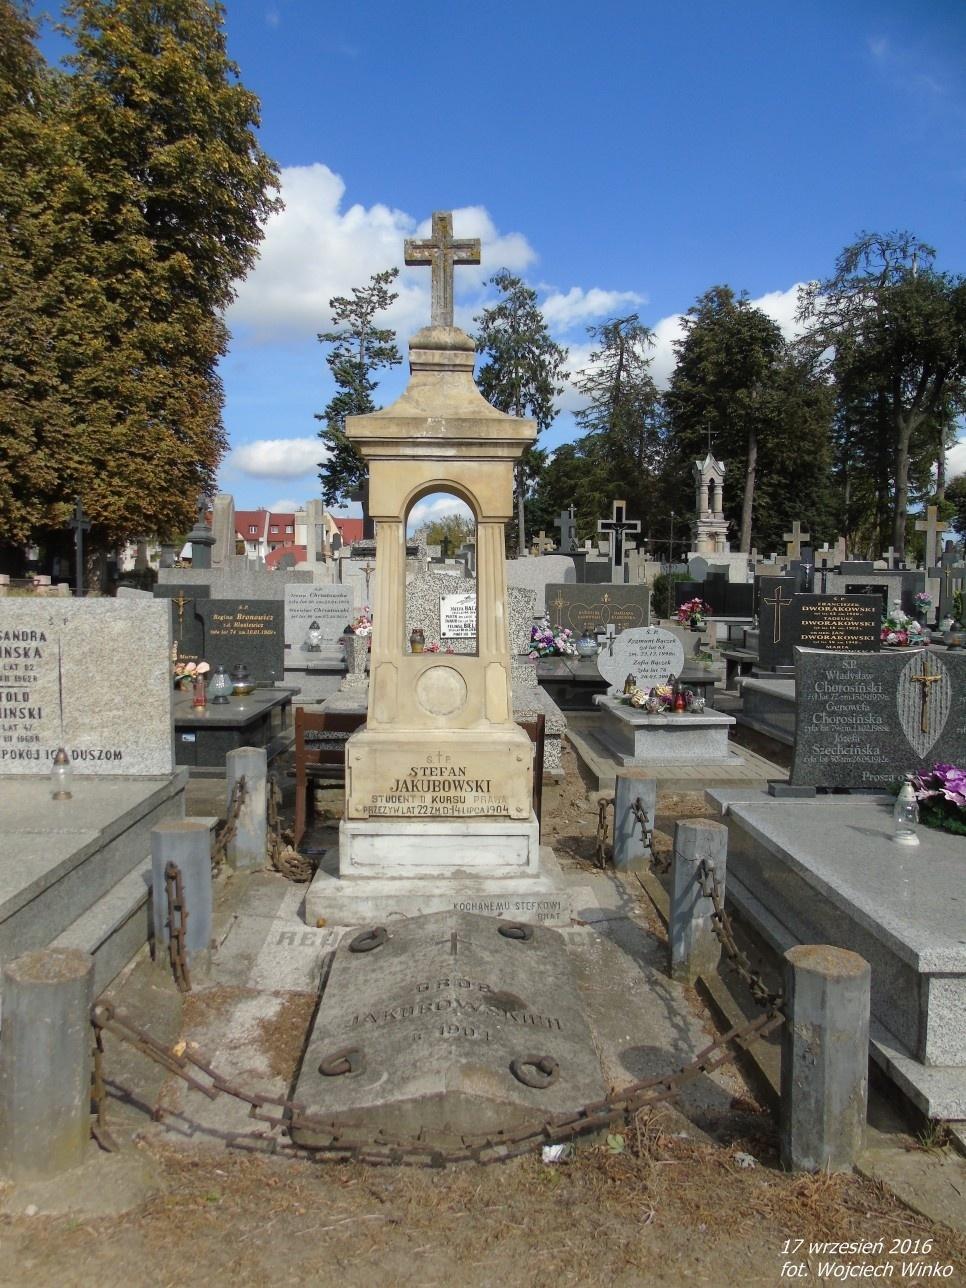 Grobowiec rodziny Jakubowskich, z której wywodzi się Franciszek - weteran powstania z 1863r